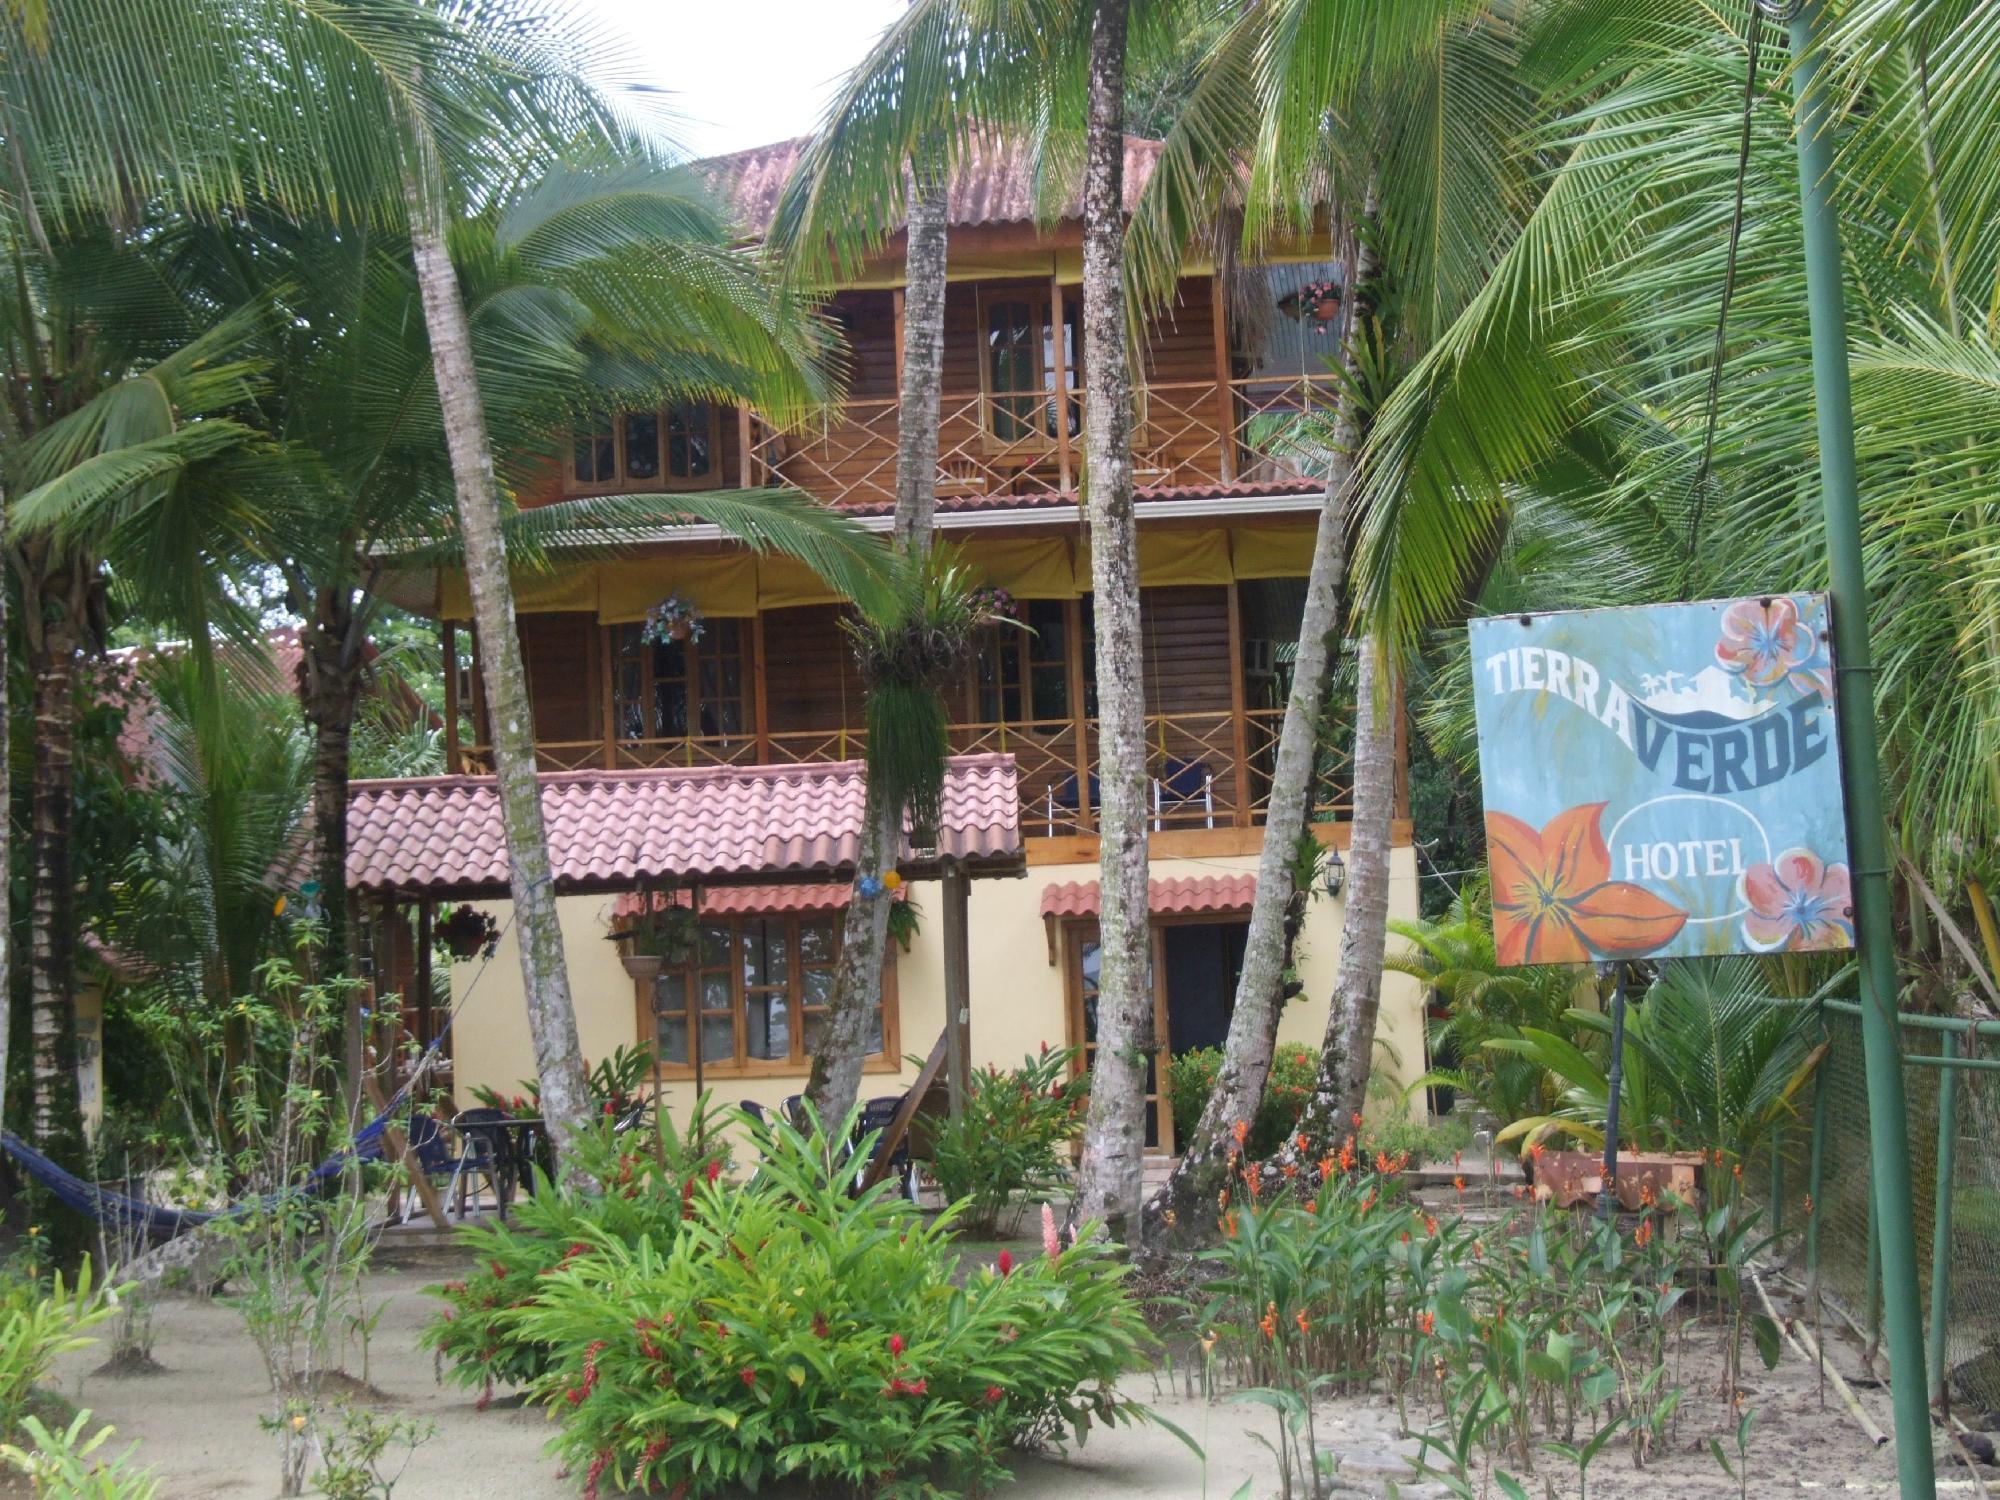 Hotel Tierra Verde